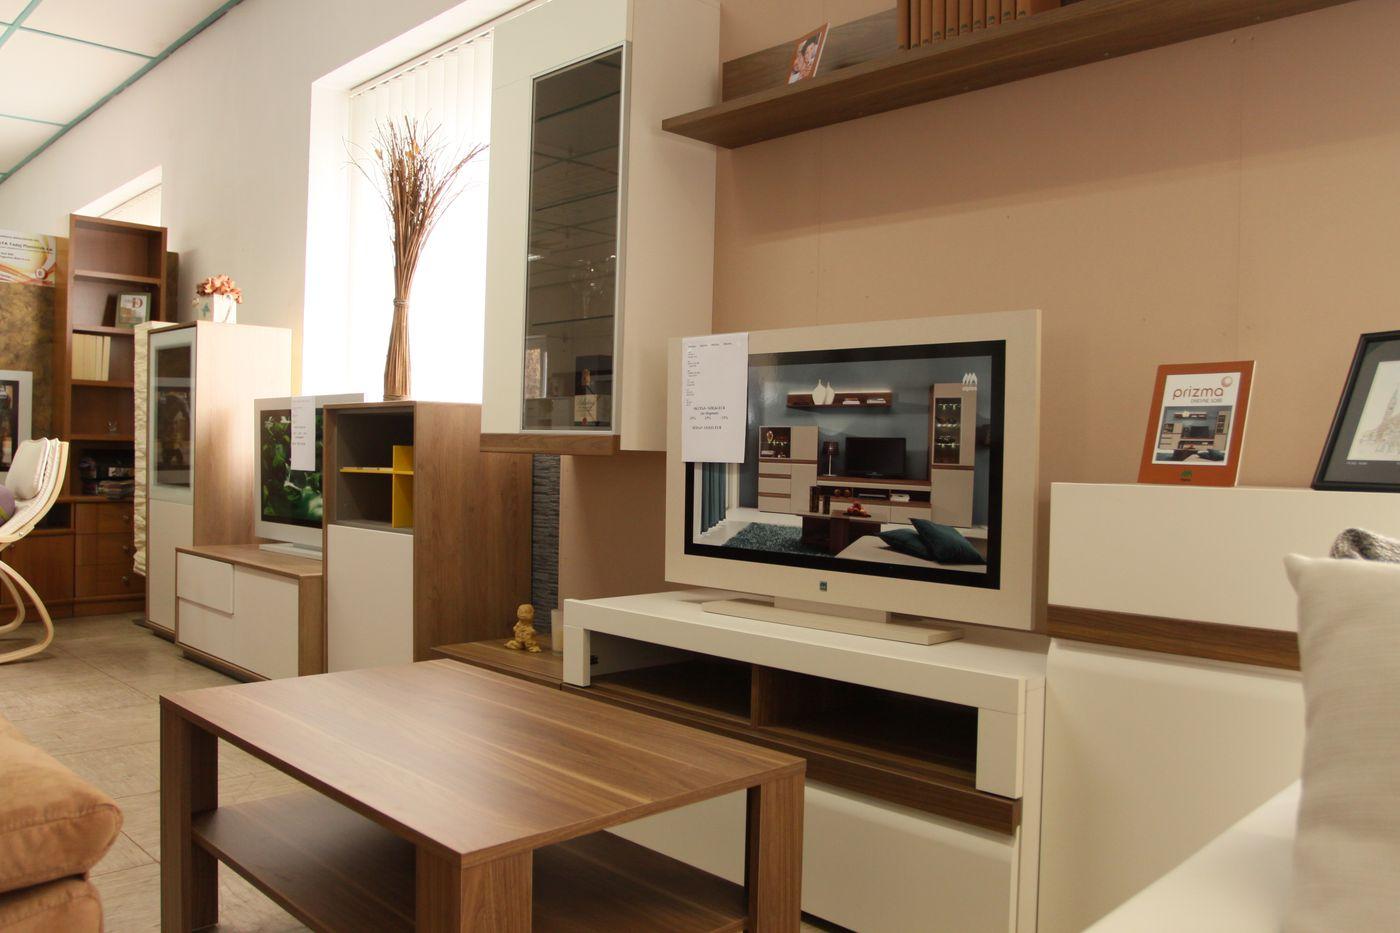 galerija-mobilije-12